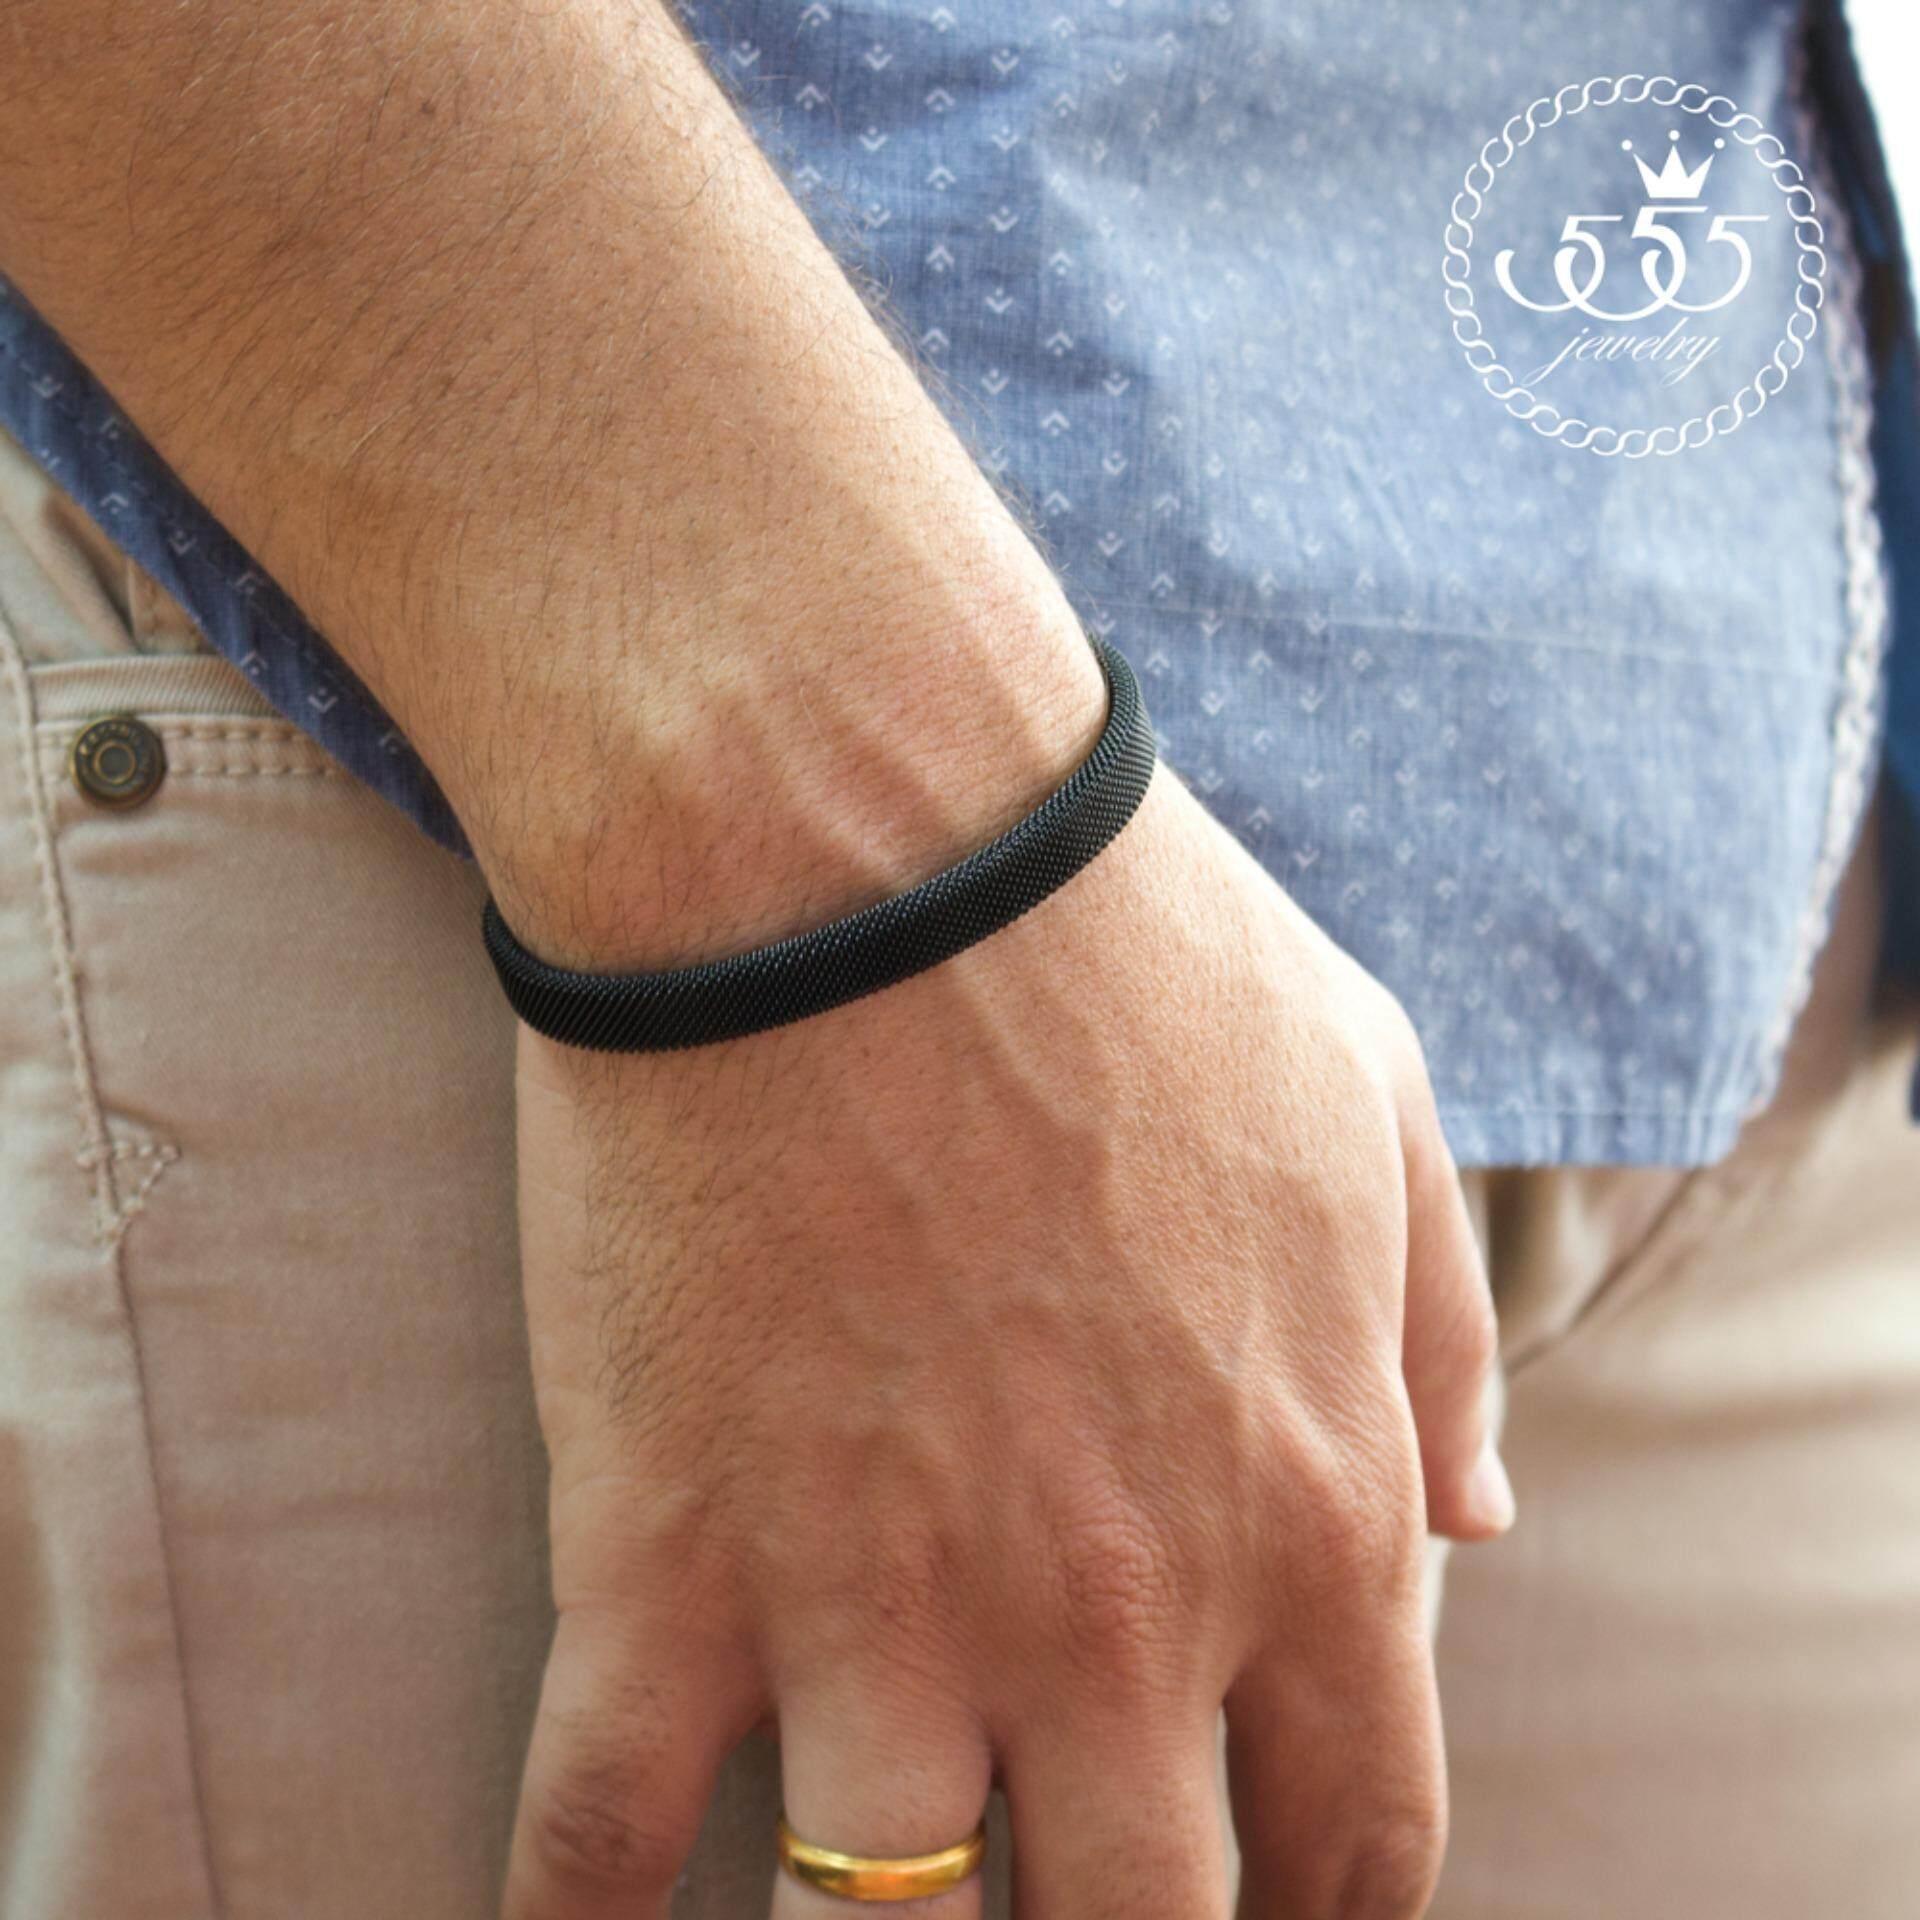 ขาย ซื้อ 555Jewelry 316L Bangle กำไลข้อมือ รุ่น Mnc Bg077 D Black สร้อยข้อมือ สร้อยข้อมือชาย สร้อยข้อมือคู่ สร้อยข้อมือทอง กำไลข้อมือชาย ข้อมือสแตนเลส ใน สมุทรปราการ